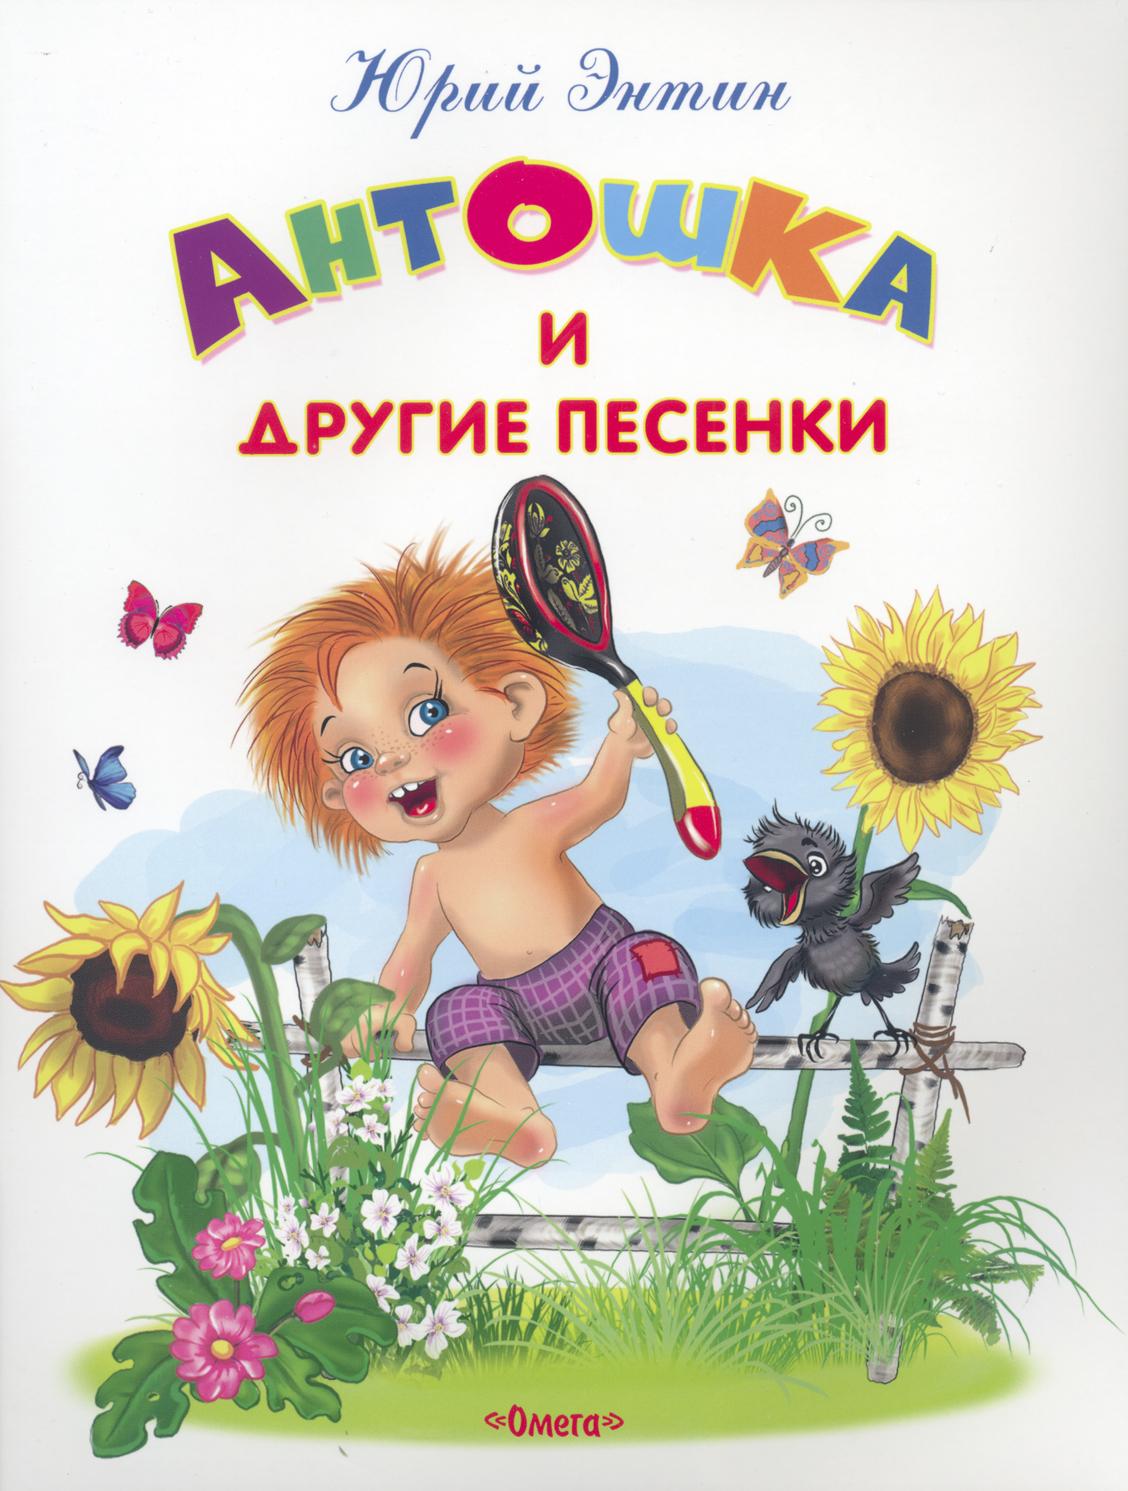 Юрий Энтин Антошка и другие песенки